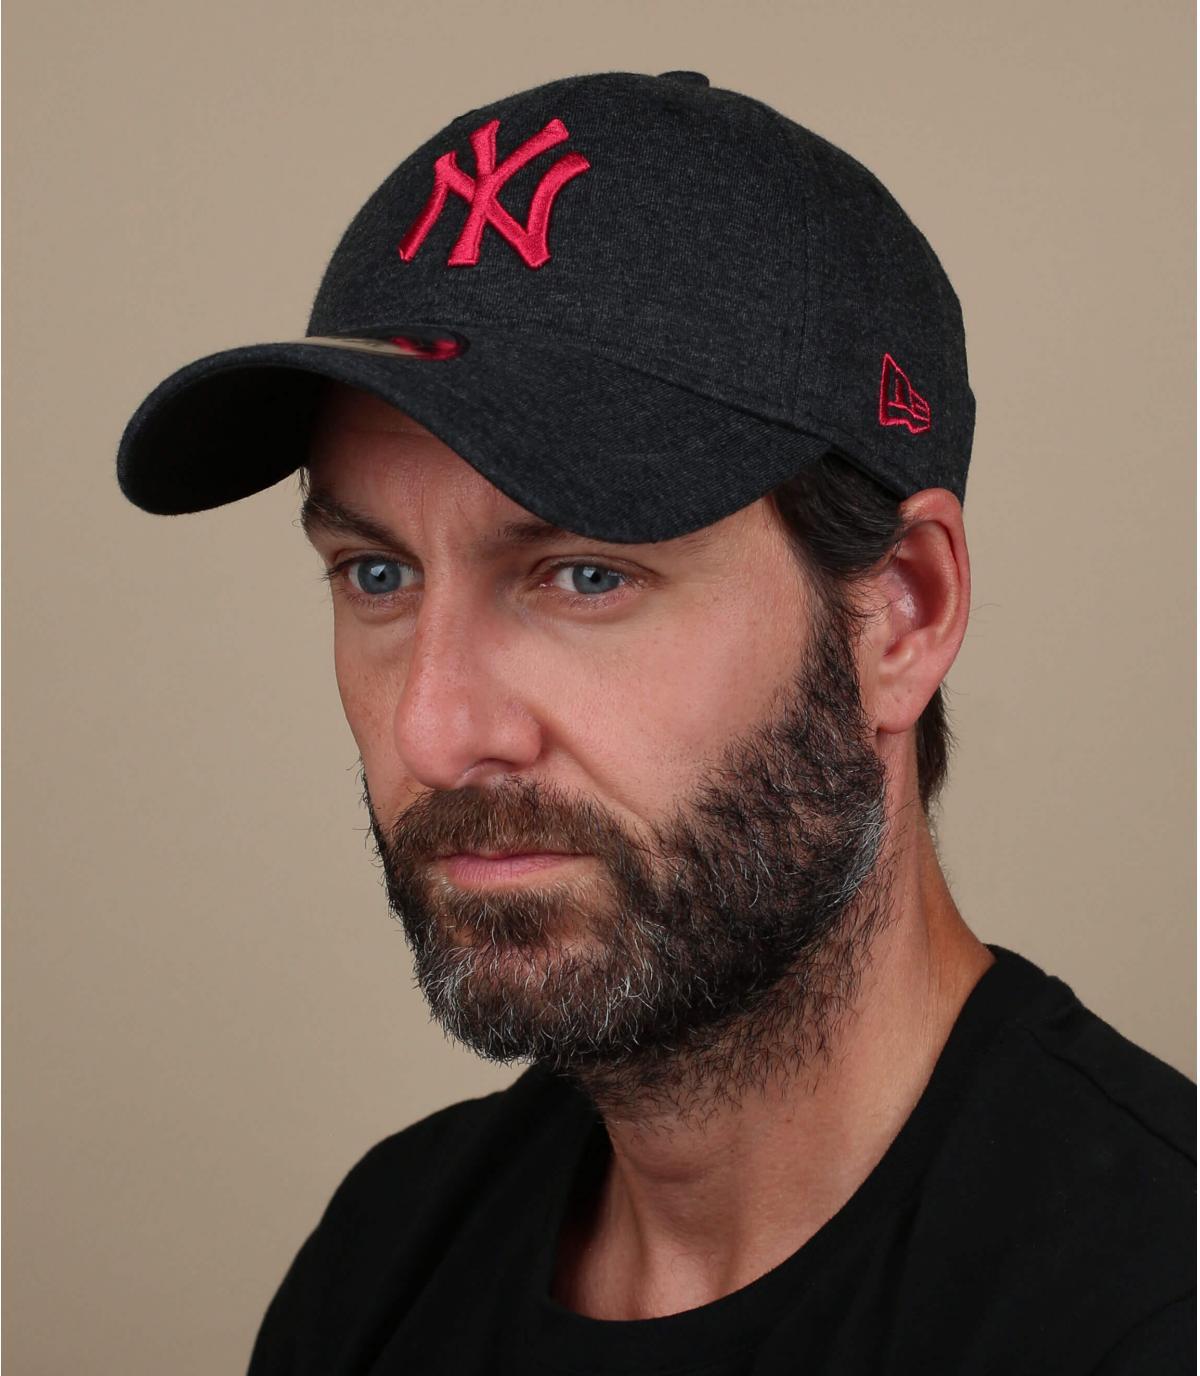 gorra NY negro rojo